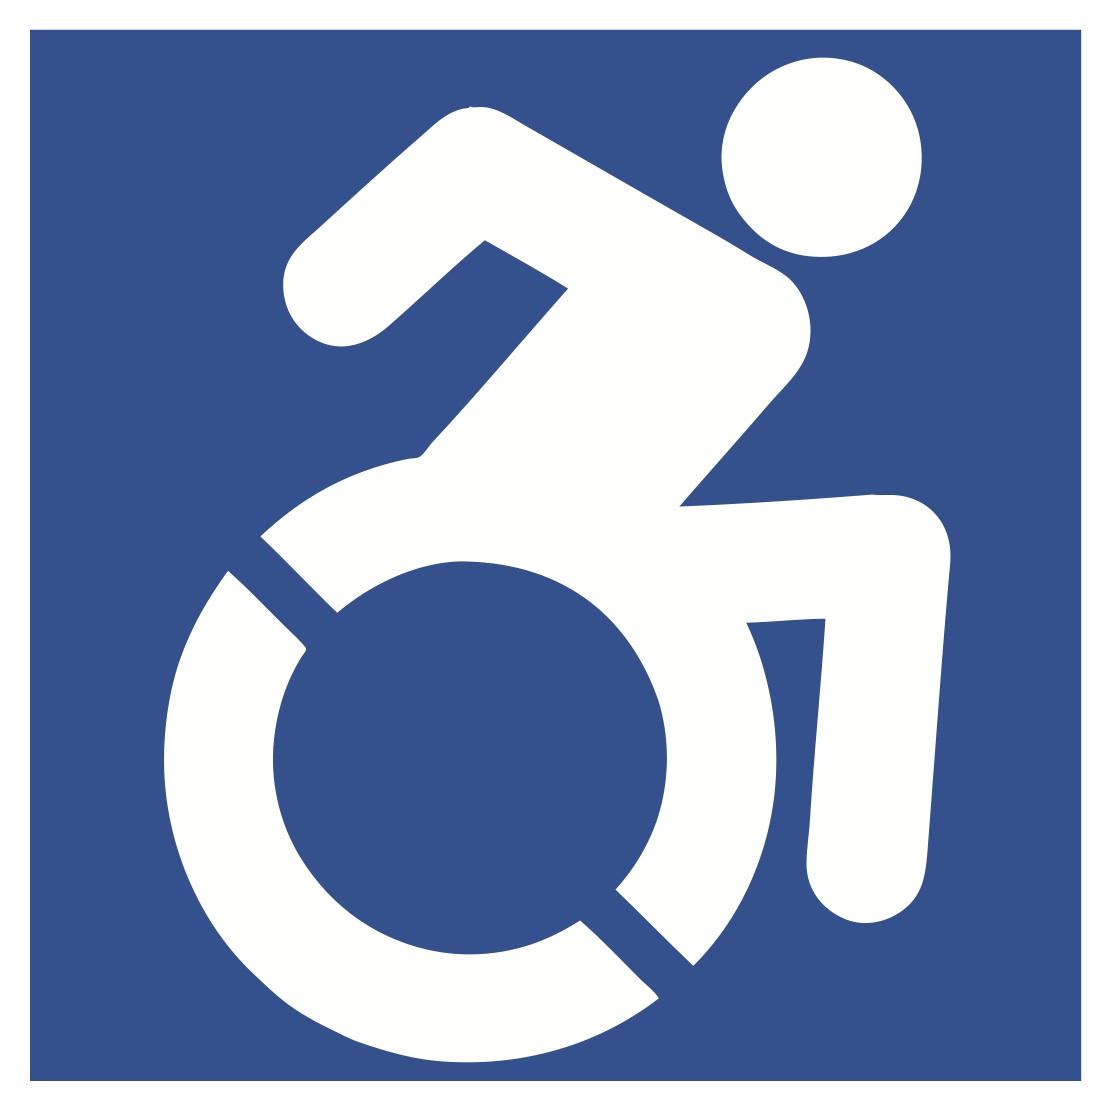 accessibleiconvector